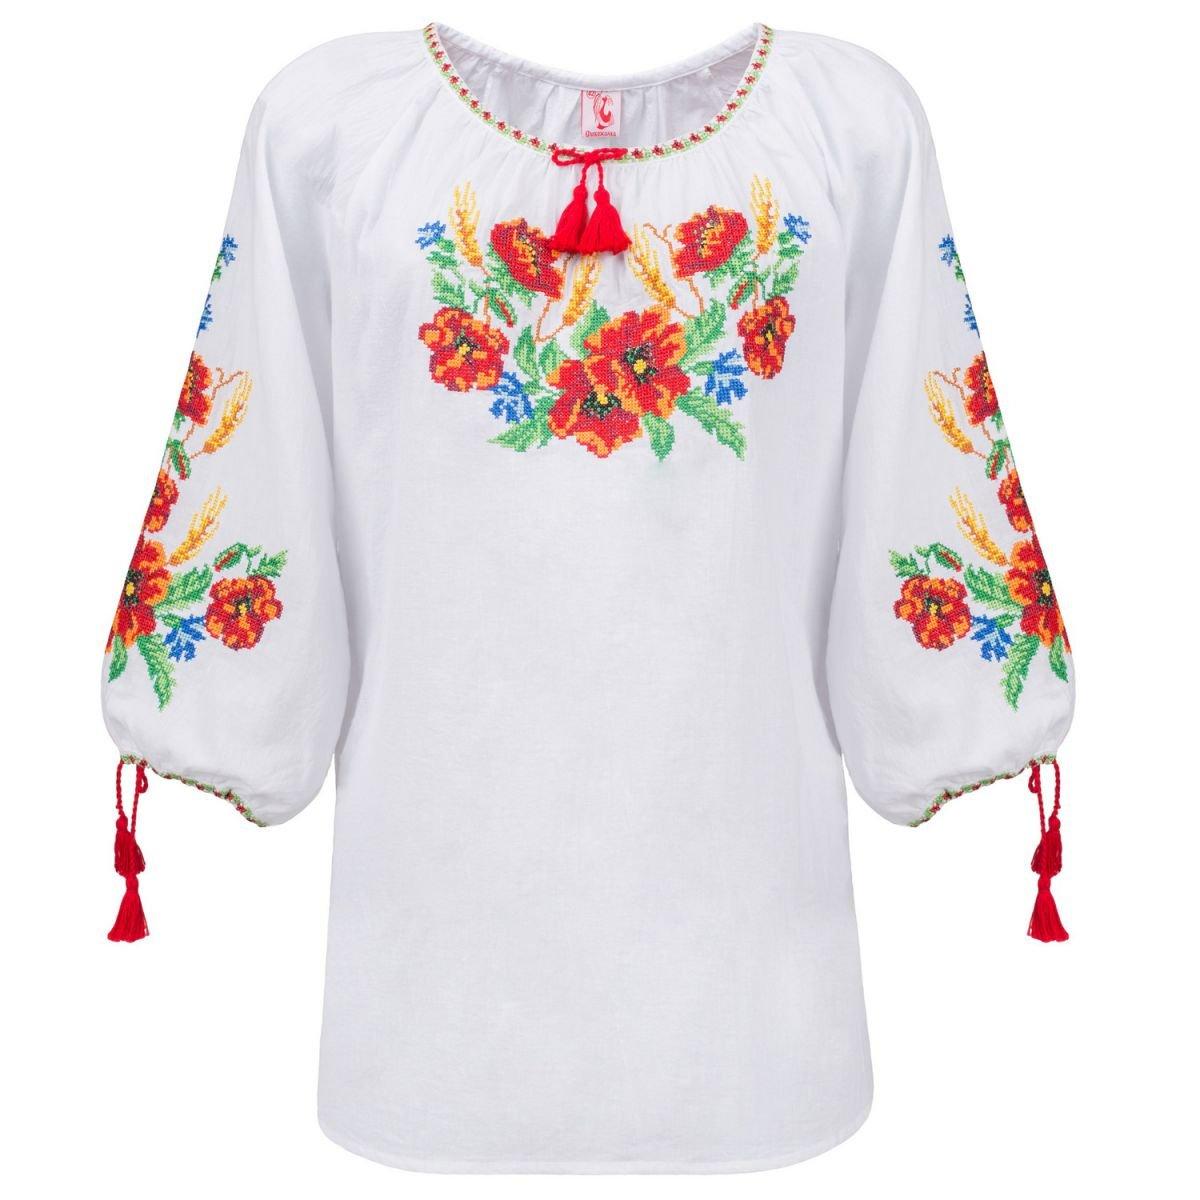 Женская блуза вышиванка Слобожанка - Карпатский винок 42 1e9f99ac42492